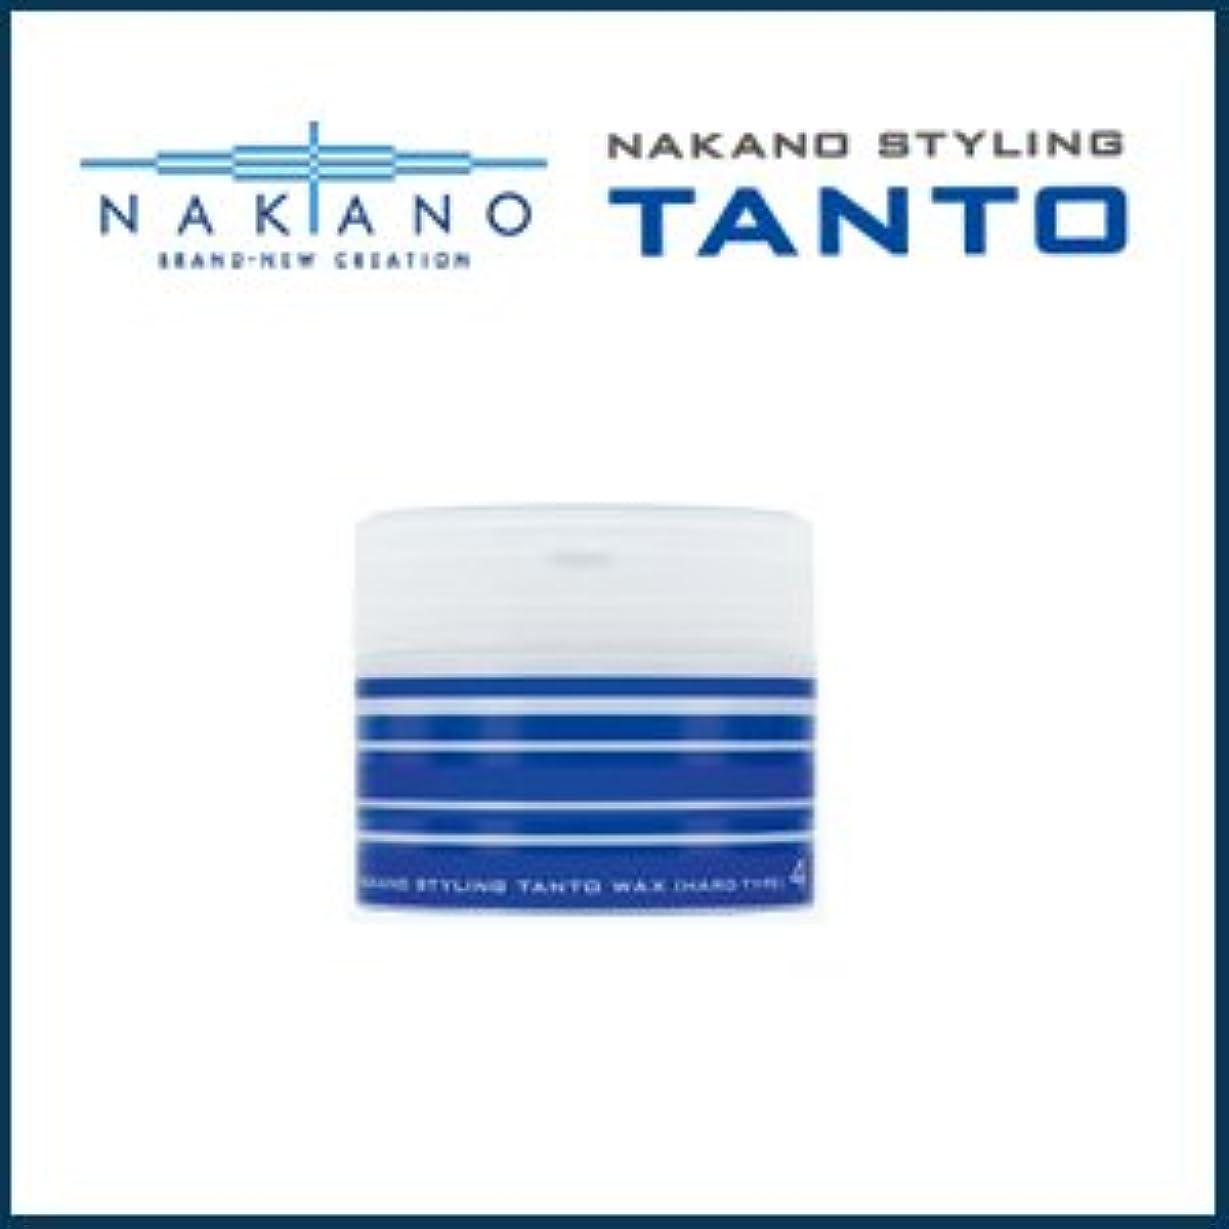 マーク品皮【X4個セット】 ナカノ タント Nワックス 4 ハードタイプ 90g 容器入り